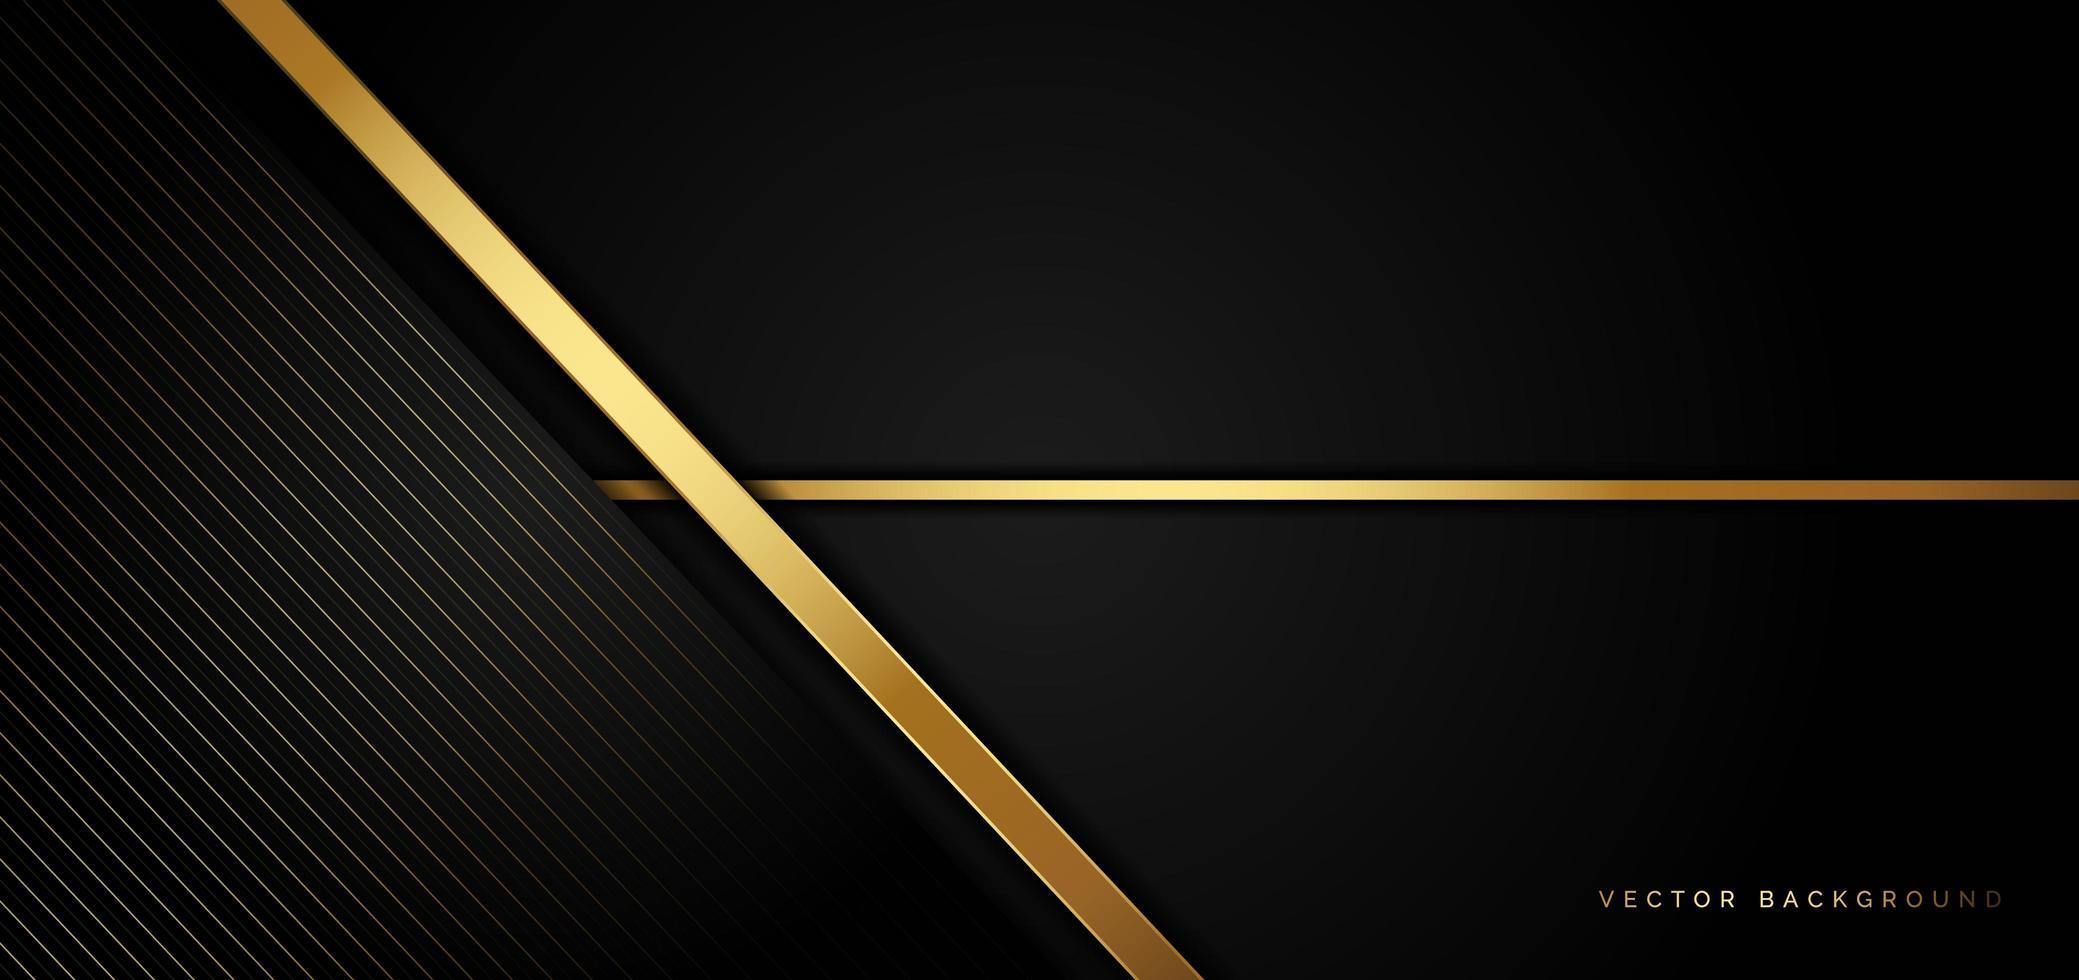 fundo de negócios preto com listras douradas em um estilo luxuoso vetor